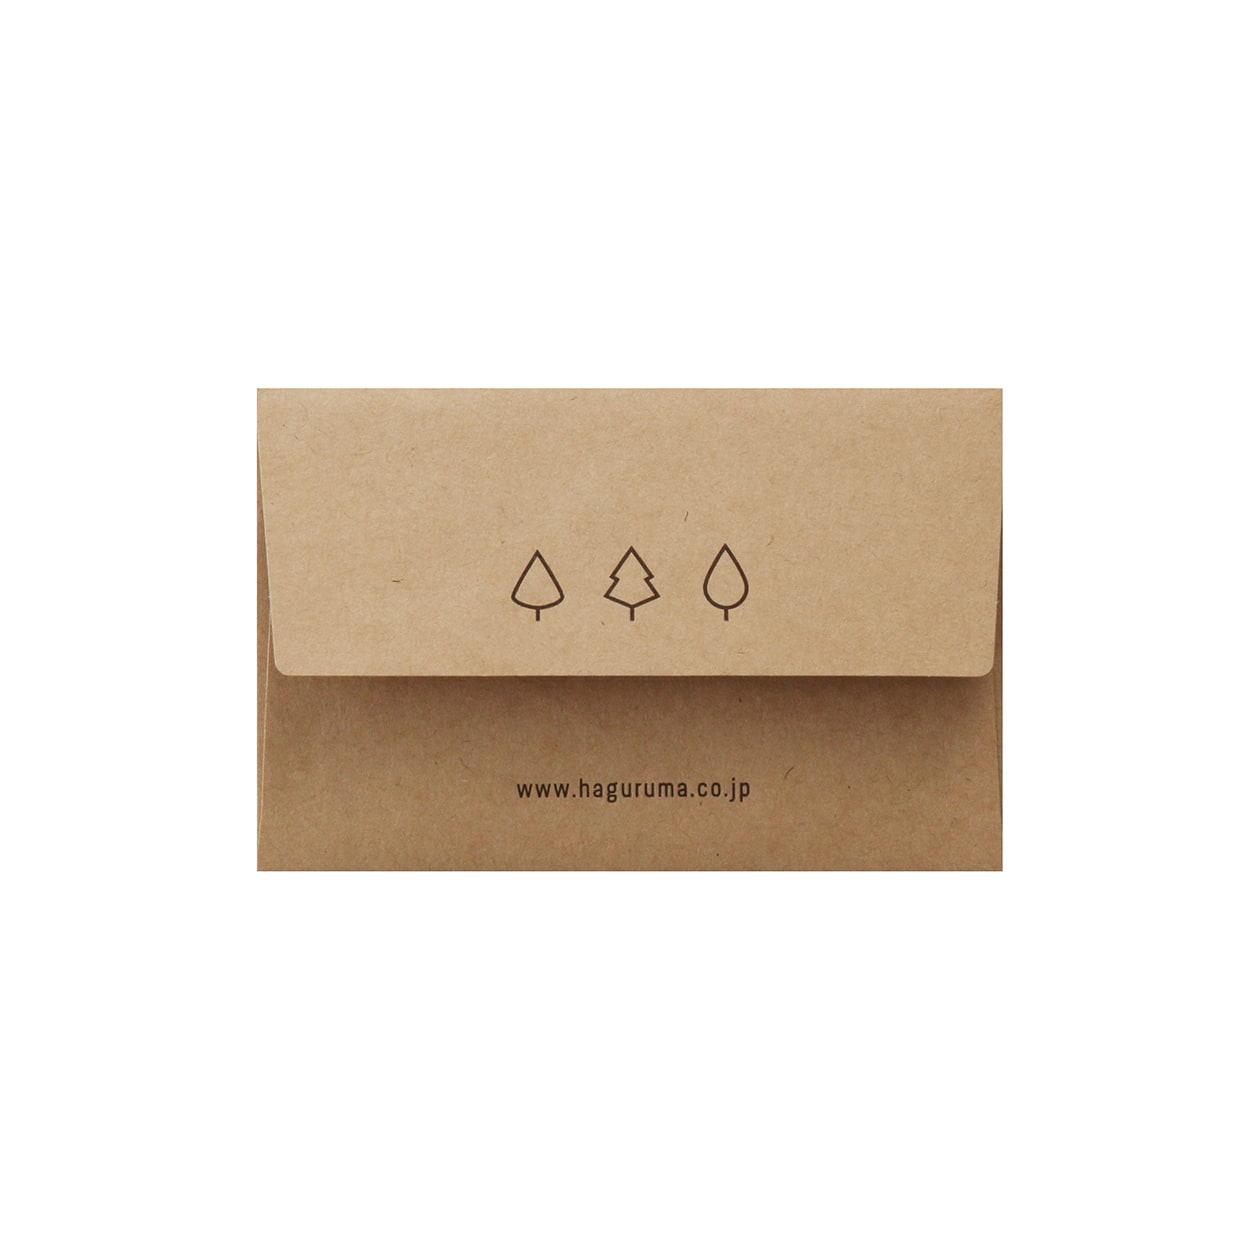 サンプル 封筒・袋 00113